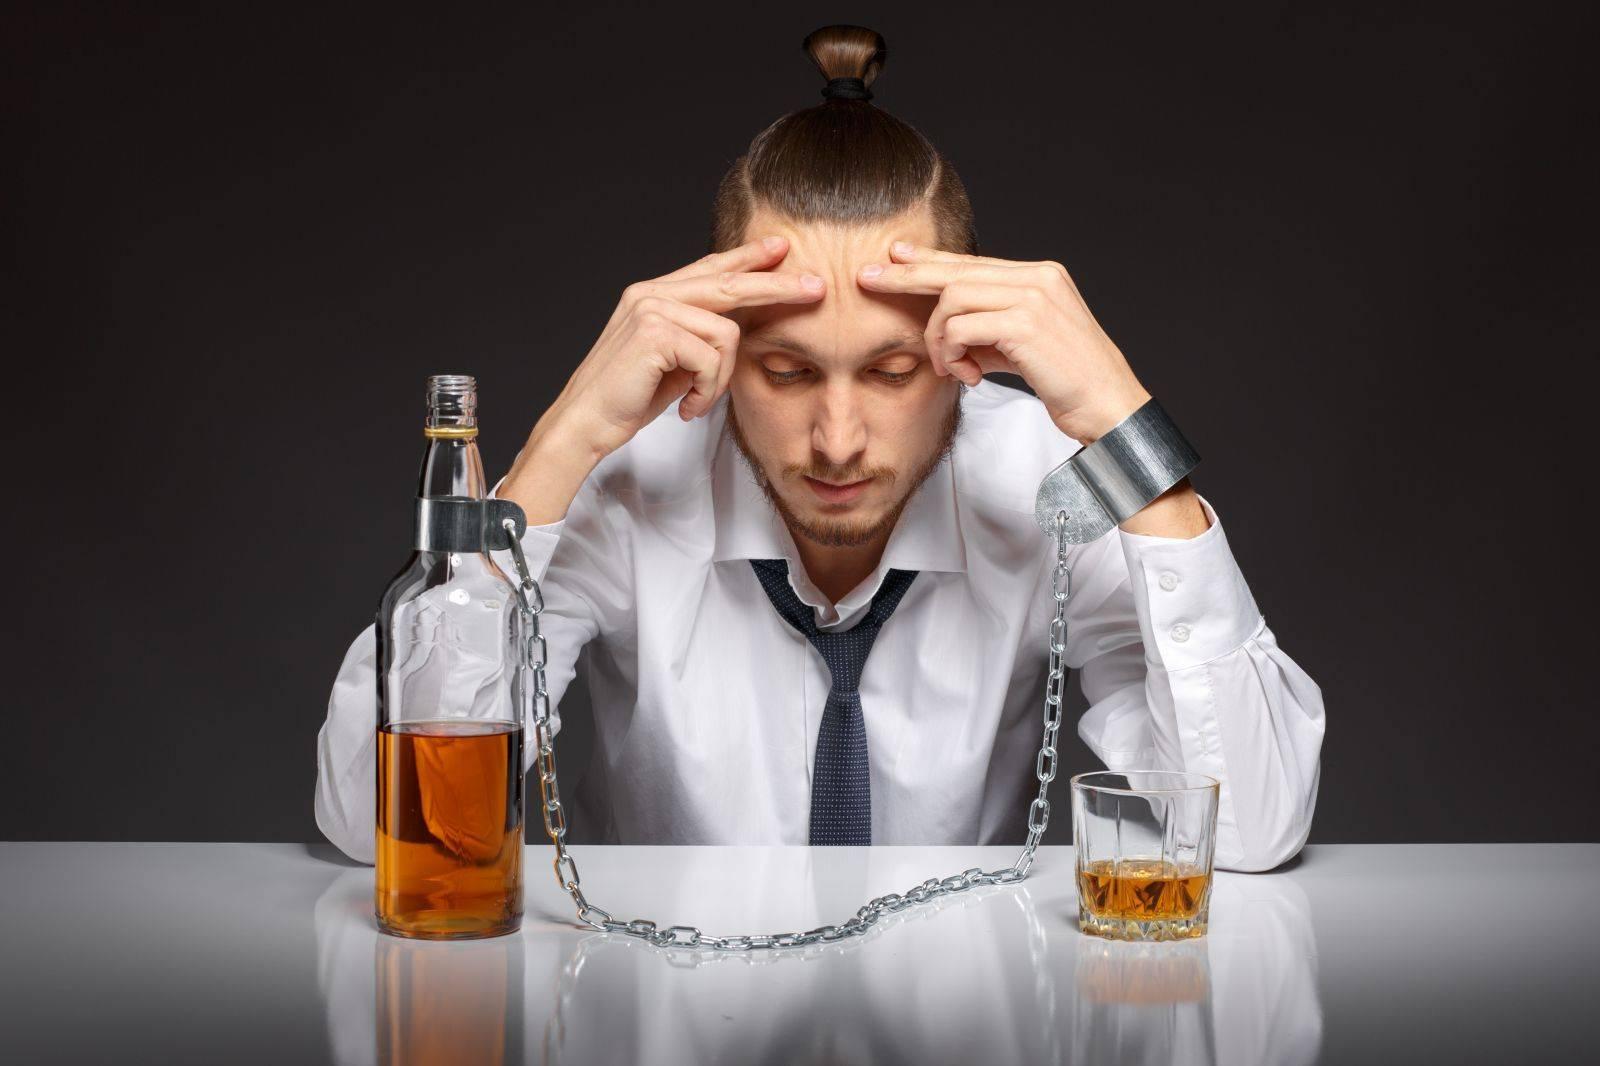 как побороть алкоголизм самостоятельно